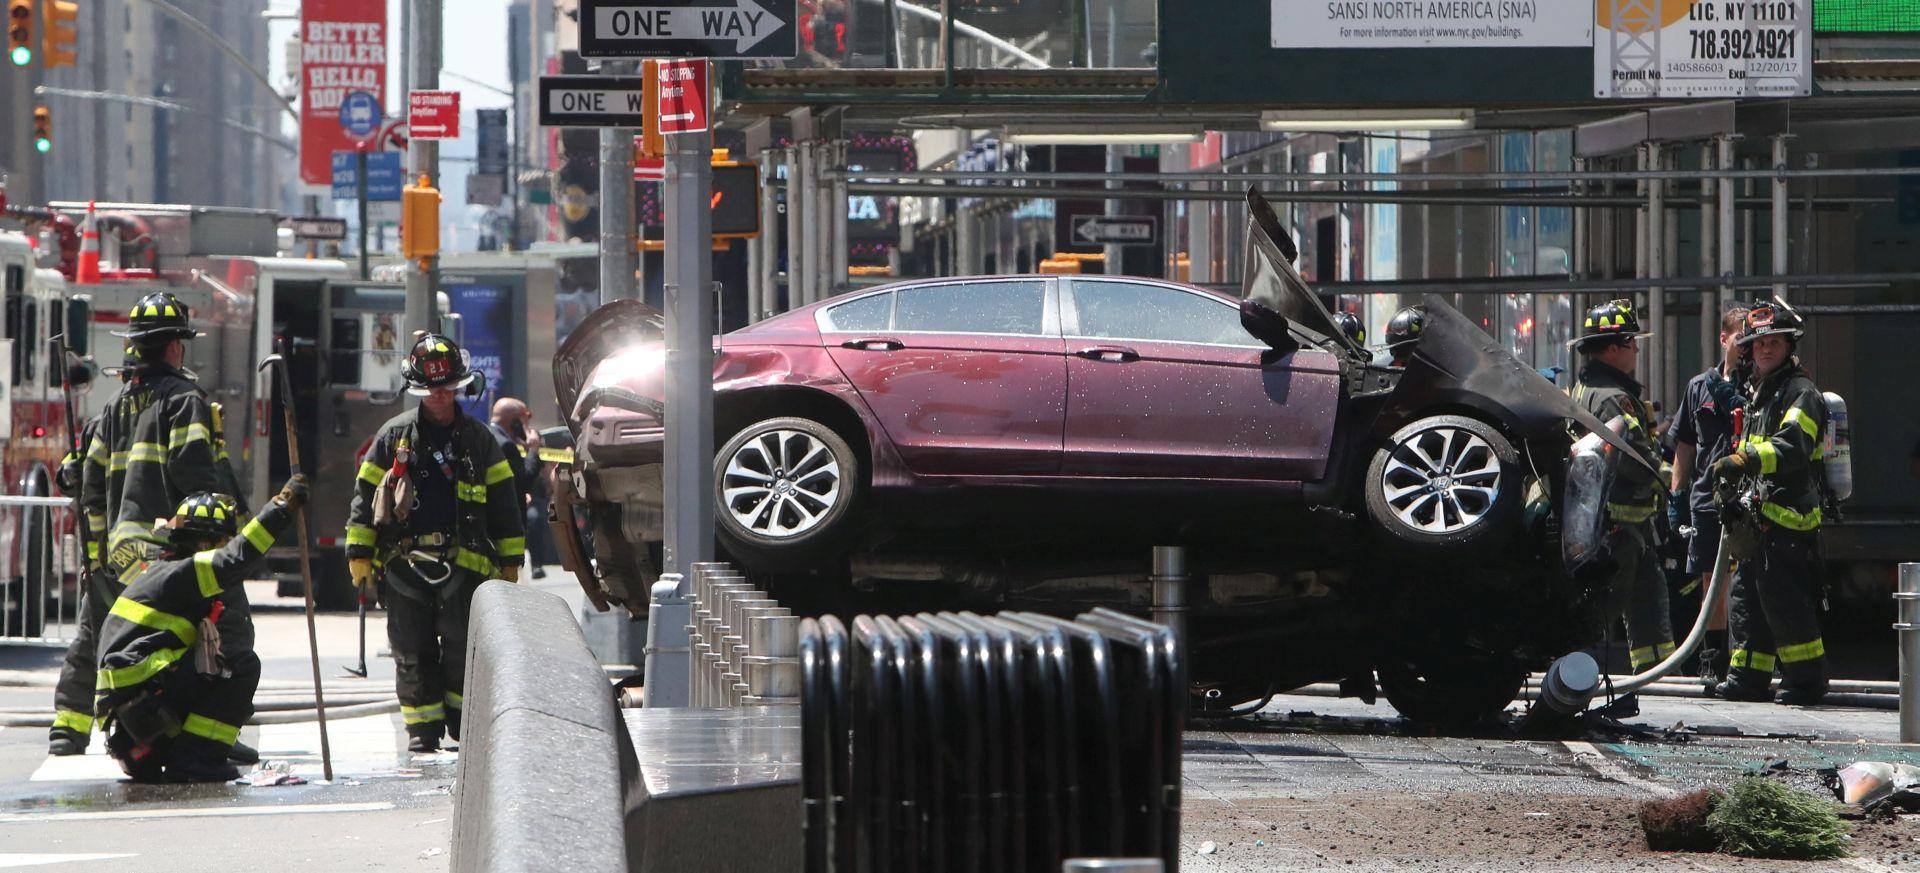 NEW YORK Vozilo se zabilo u pješake, najmanje jedna osoba poginula, 20 ozlijeđenih